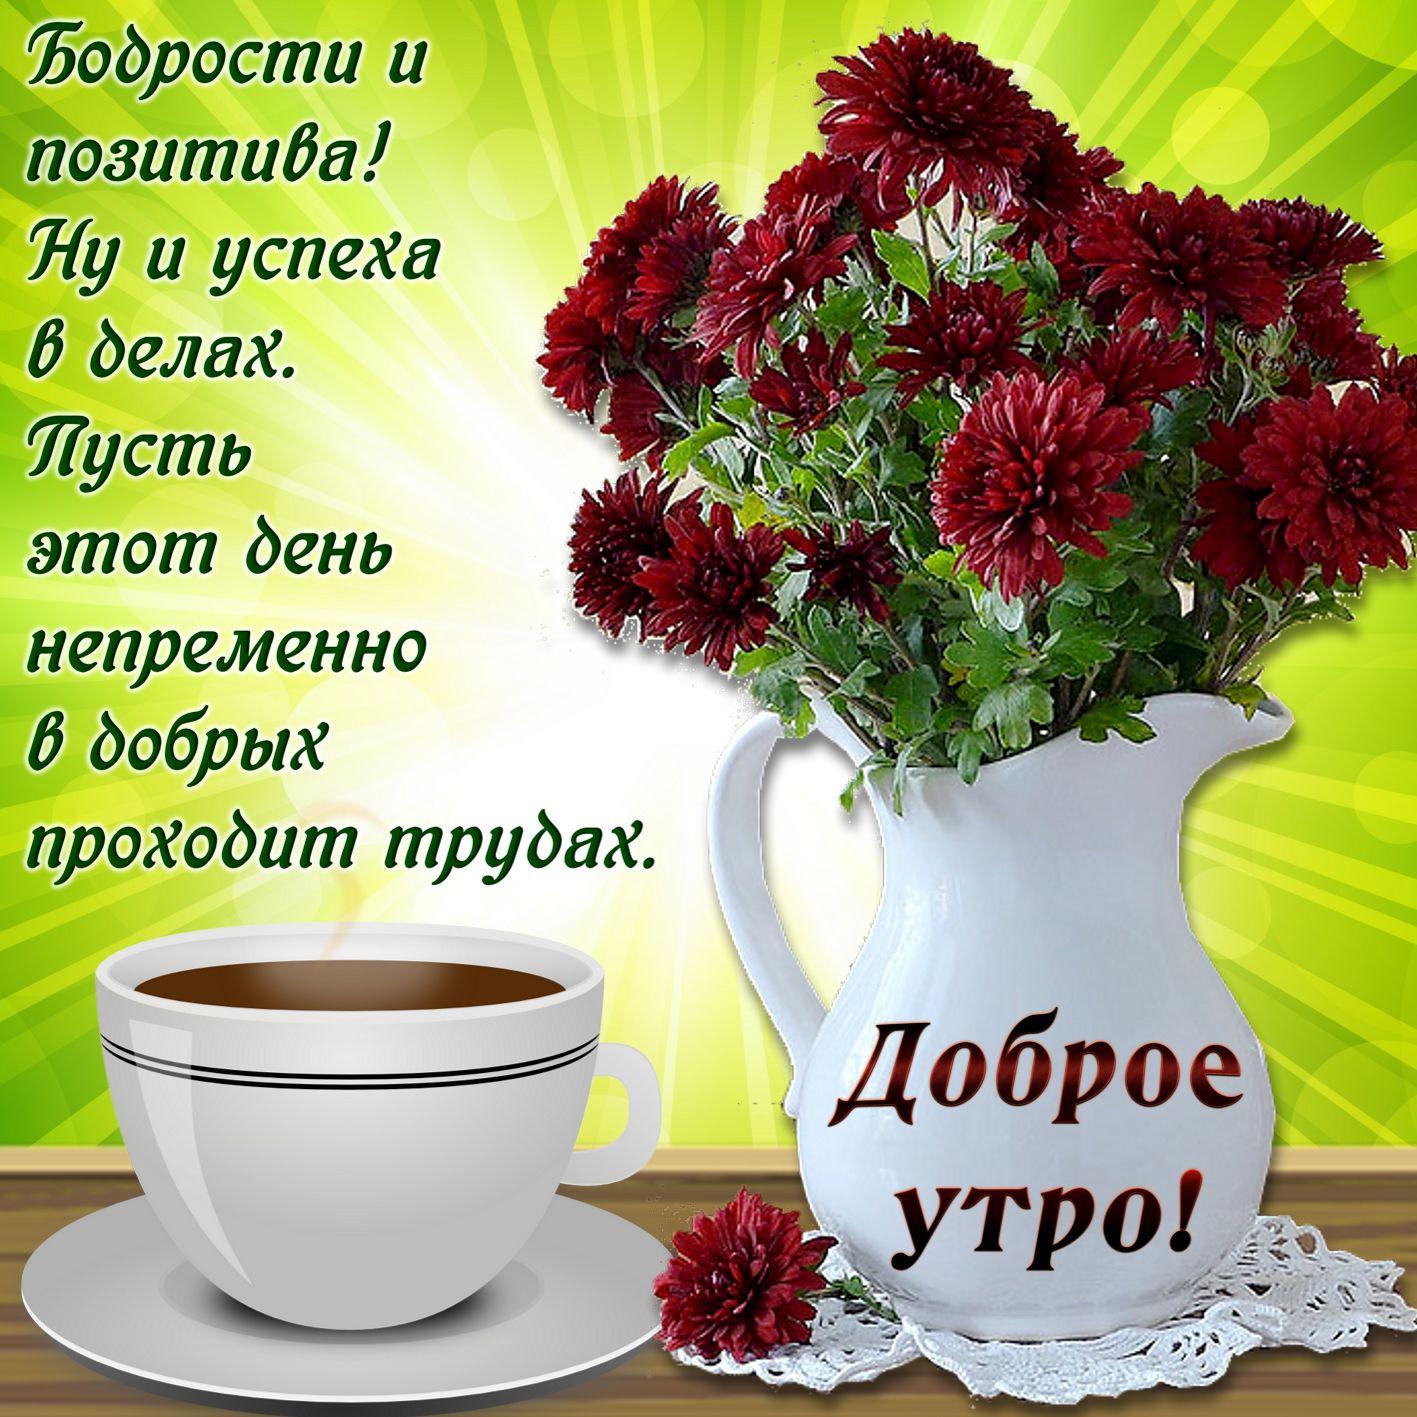 Открытка - кофе и цветы для доброго утра